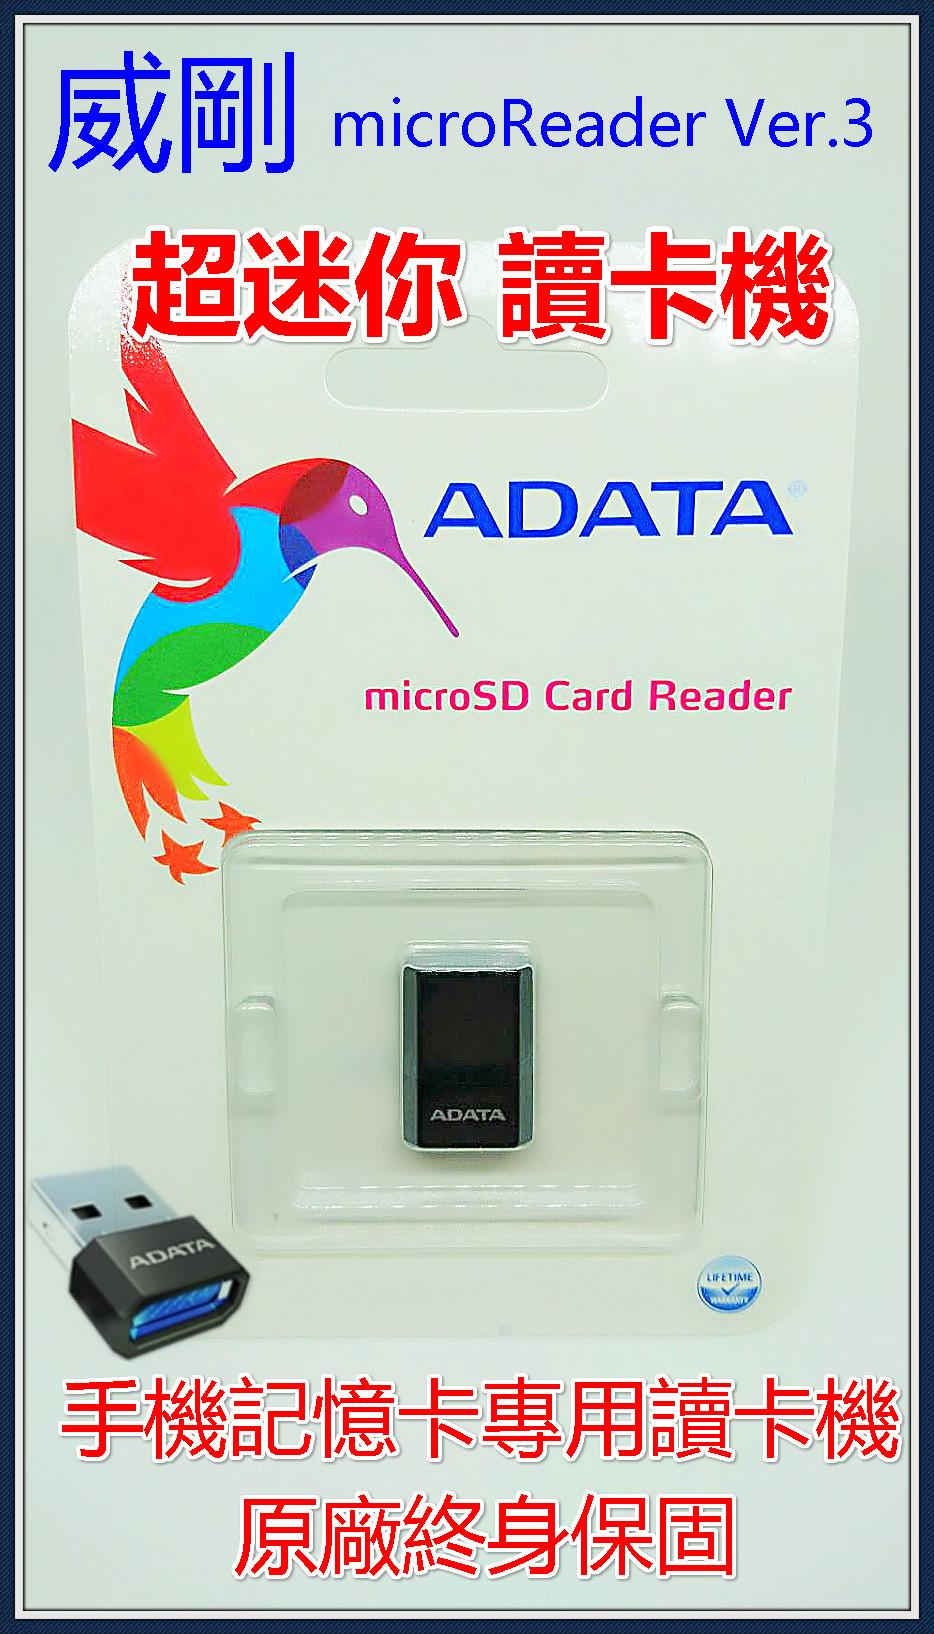 ?含發票?威剛 ADATA 迷你讀卡機 手機記憶卡專用?終身保固?台灣精品?電腦周邊?手機周邊?記憶卡?USB?SD卡